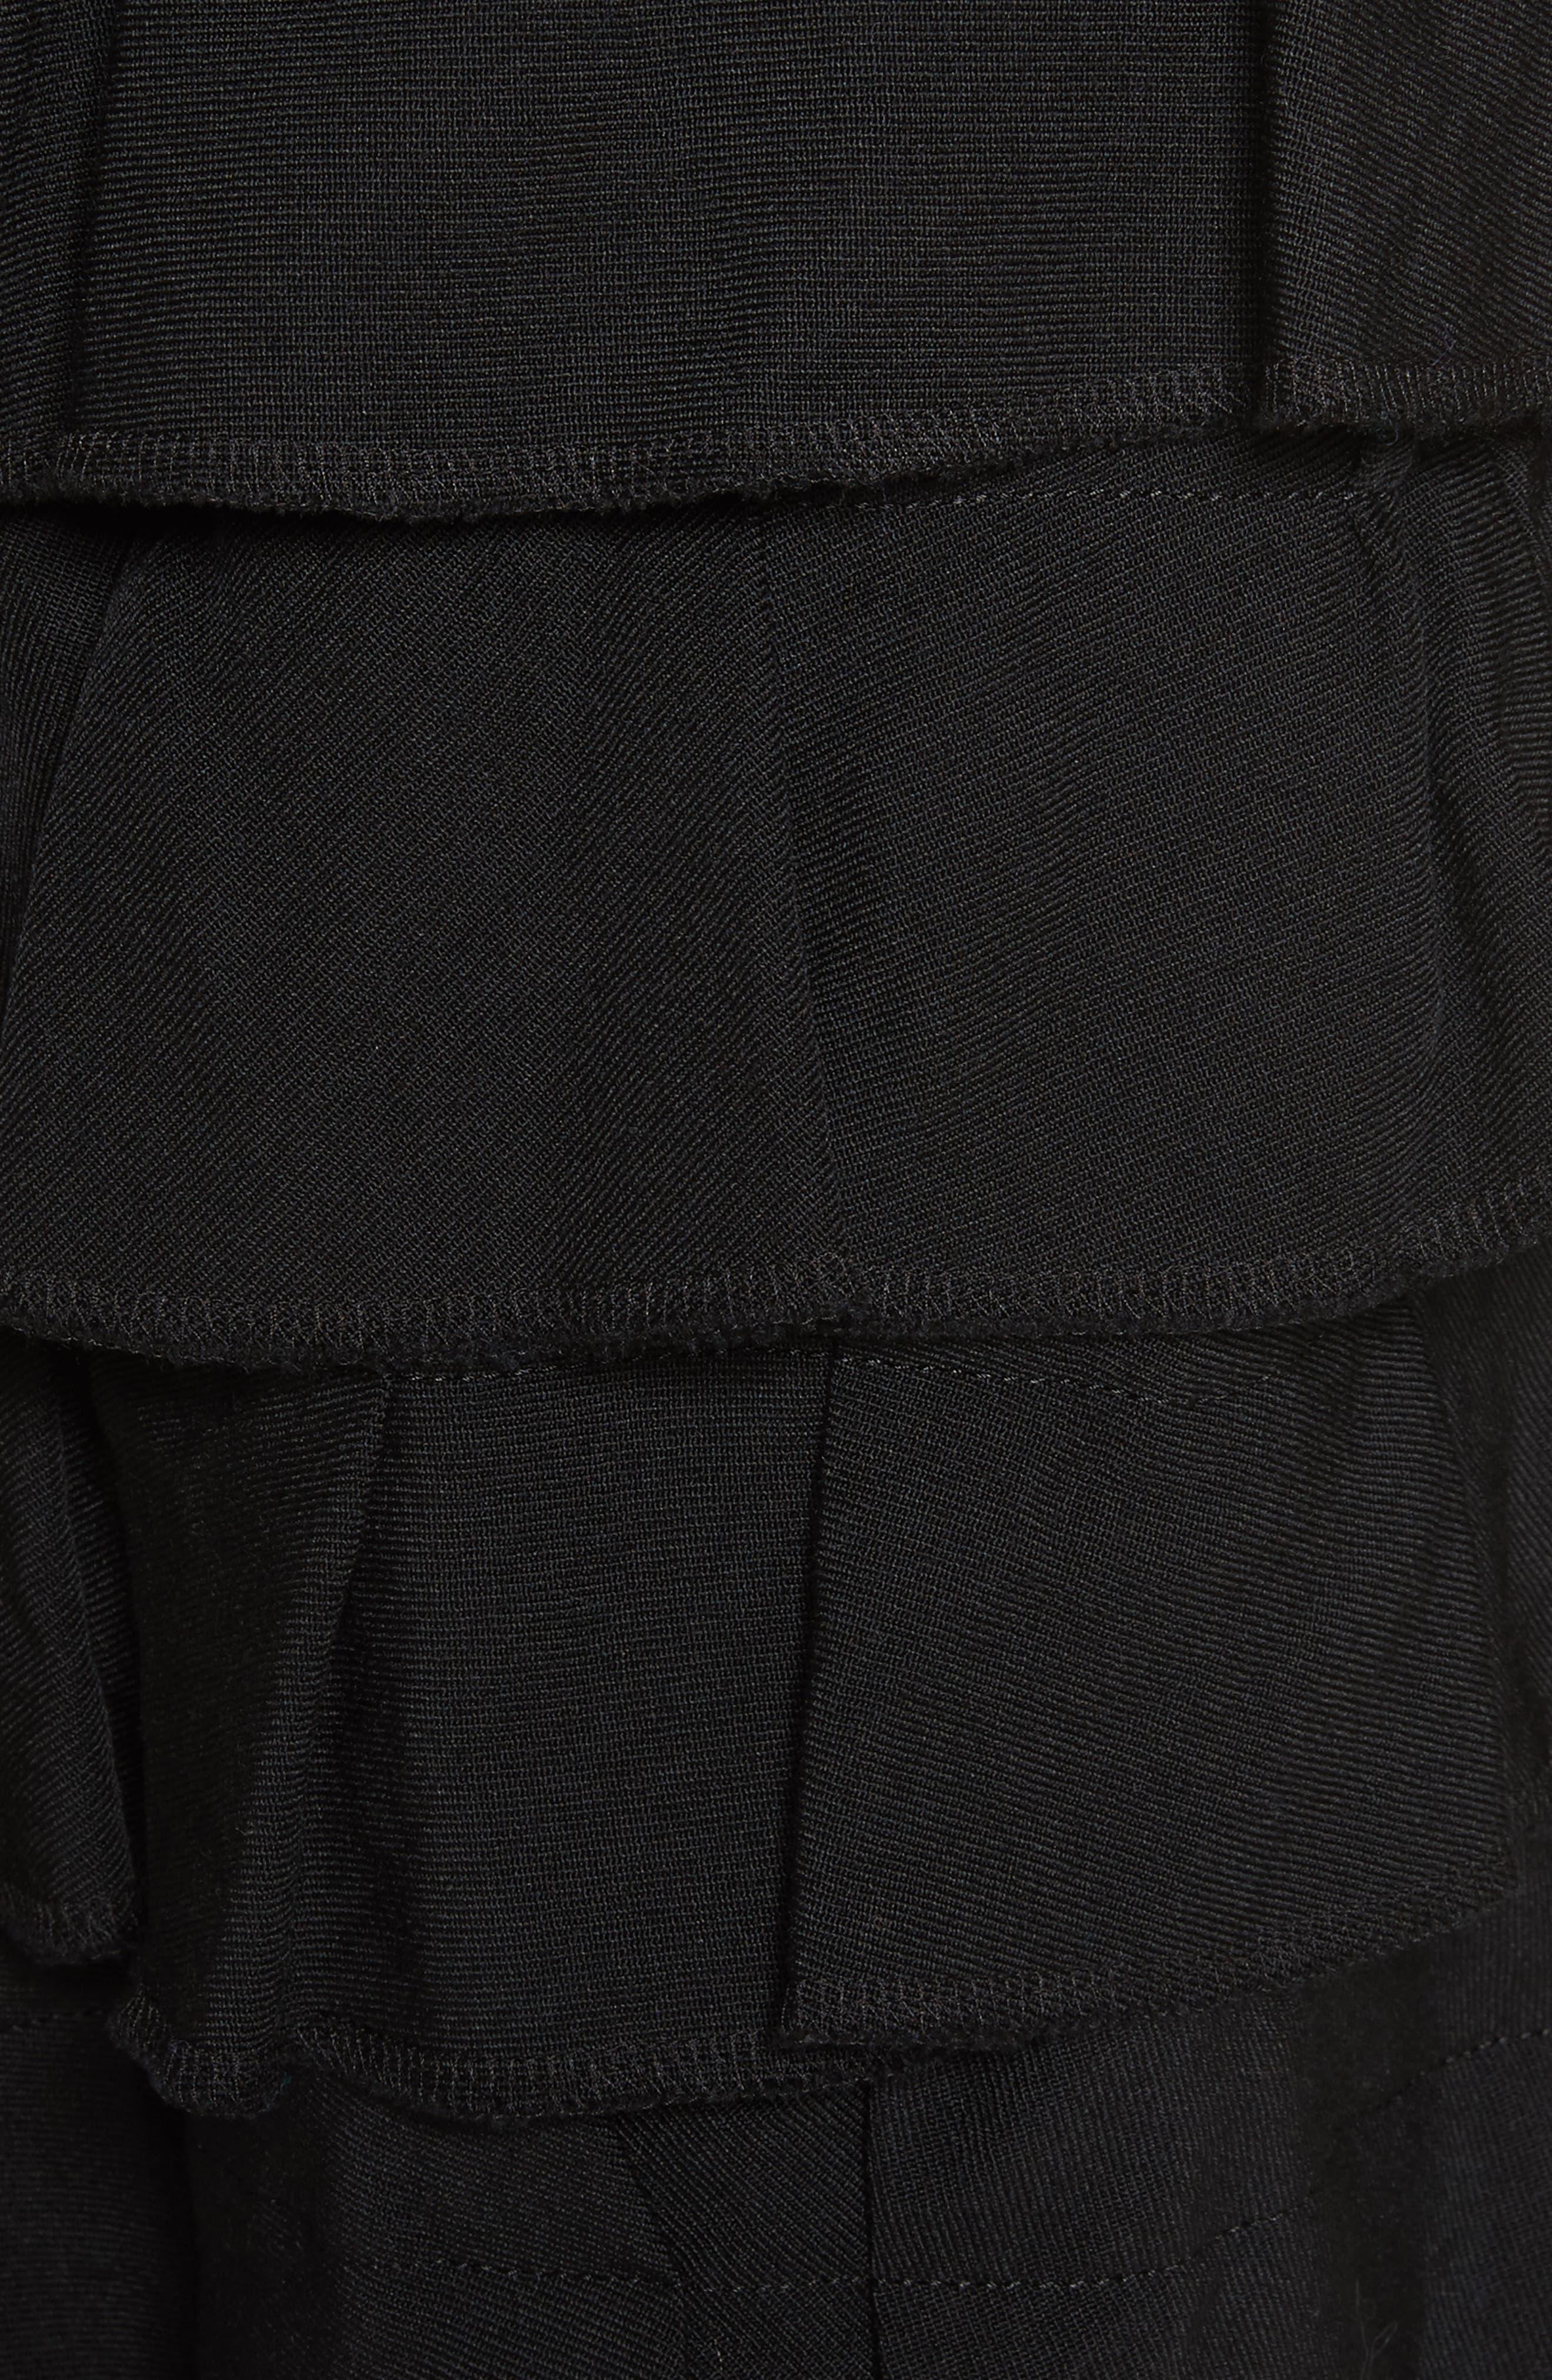 Ruffle Gabardine Skirt,                             Alternate thumbnail 5, color,                             001